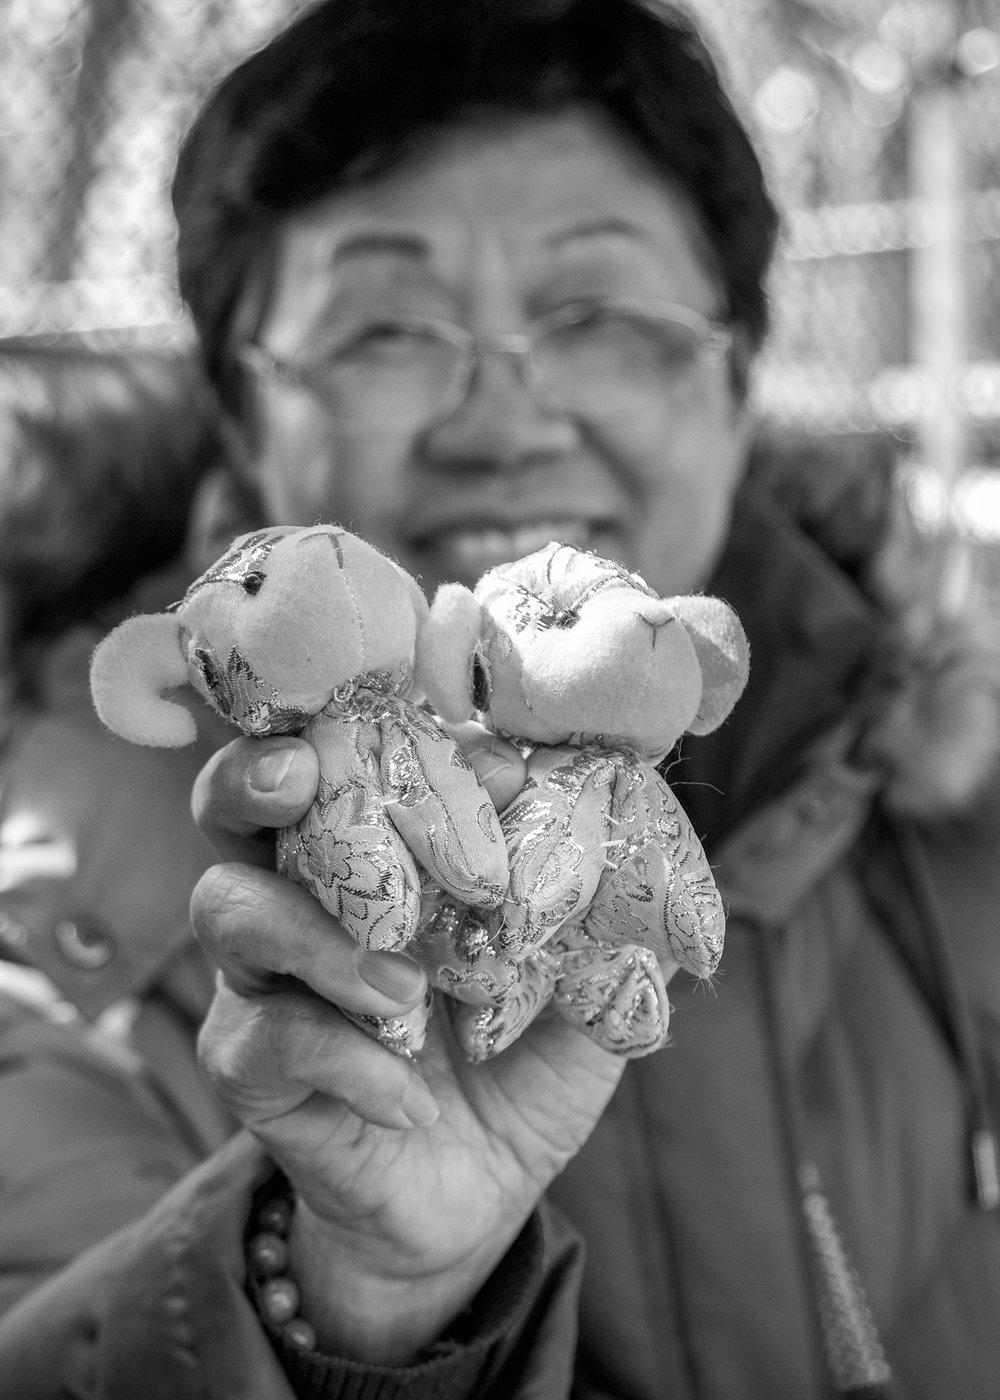 Market lady, Chinatown, NYC